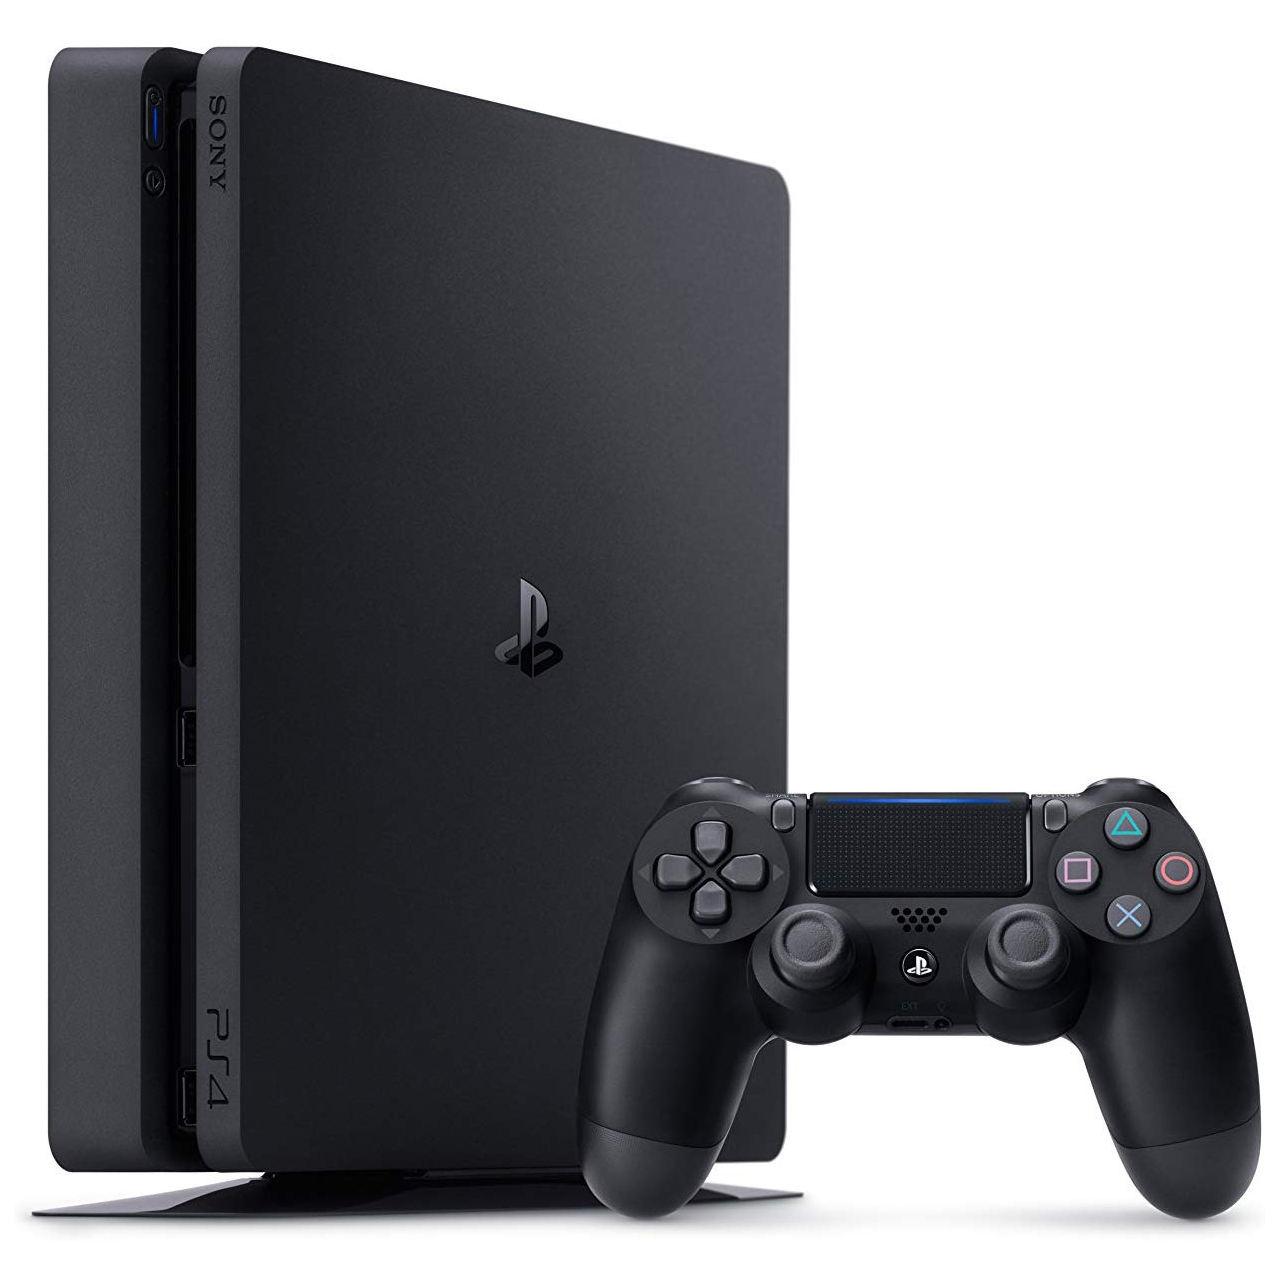 خرید                     کنسول بازی سونی مدل Playstation 4 Slim کد Region 2 CUH-2216B ظرفیت 1 ترابایت